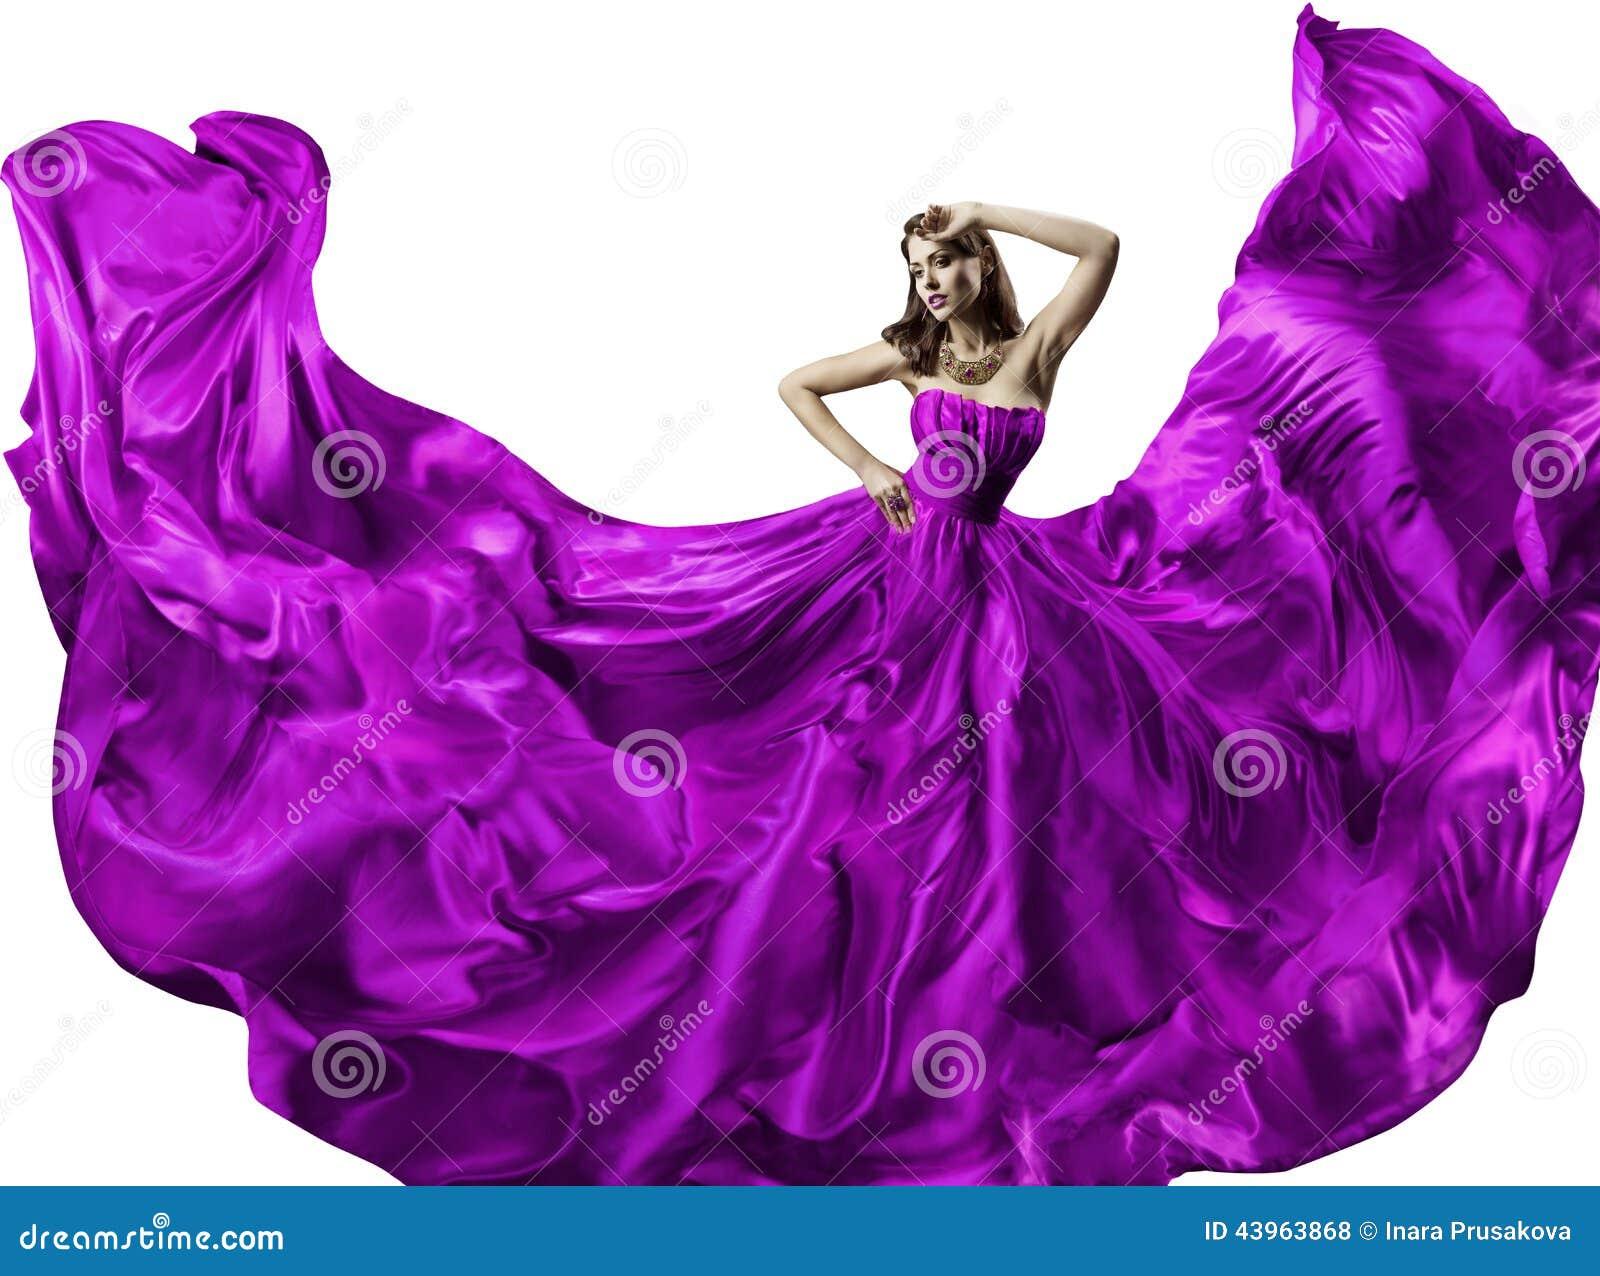 Vestido de seda da mulher, retrato da forma da beleza, vestido de vibração longo